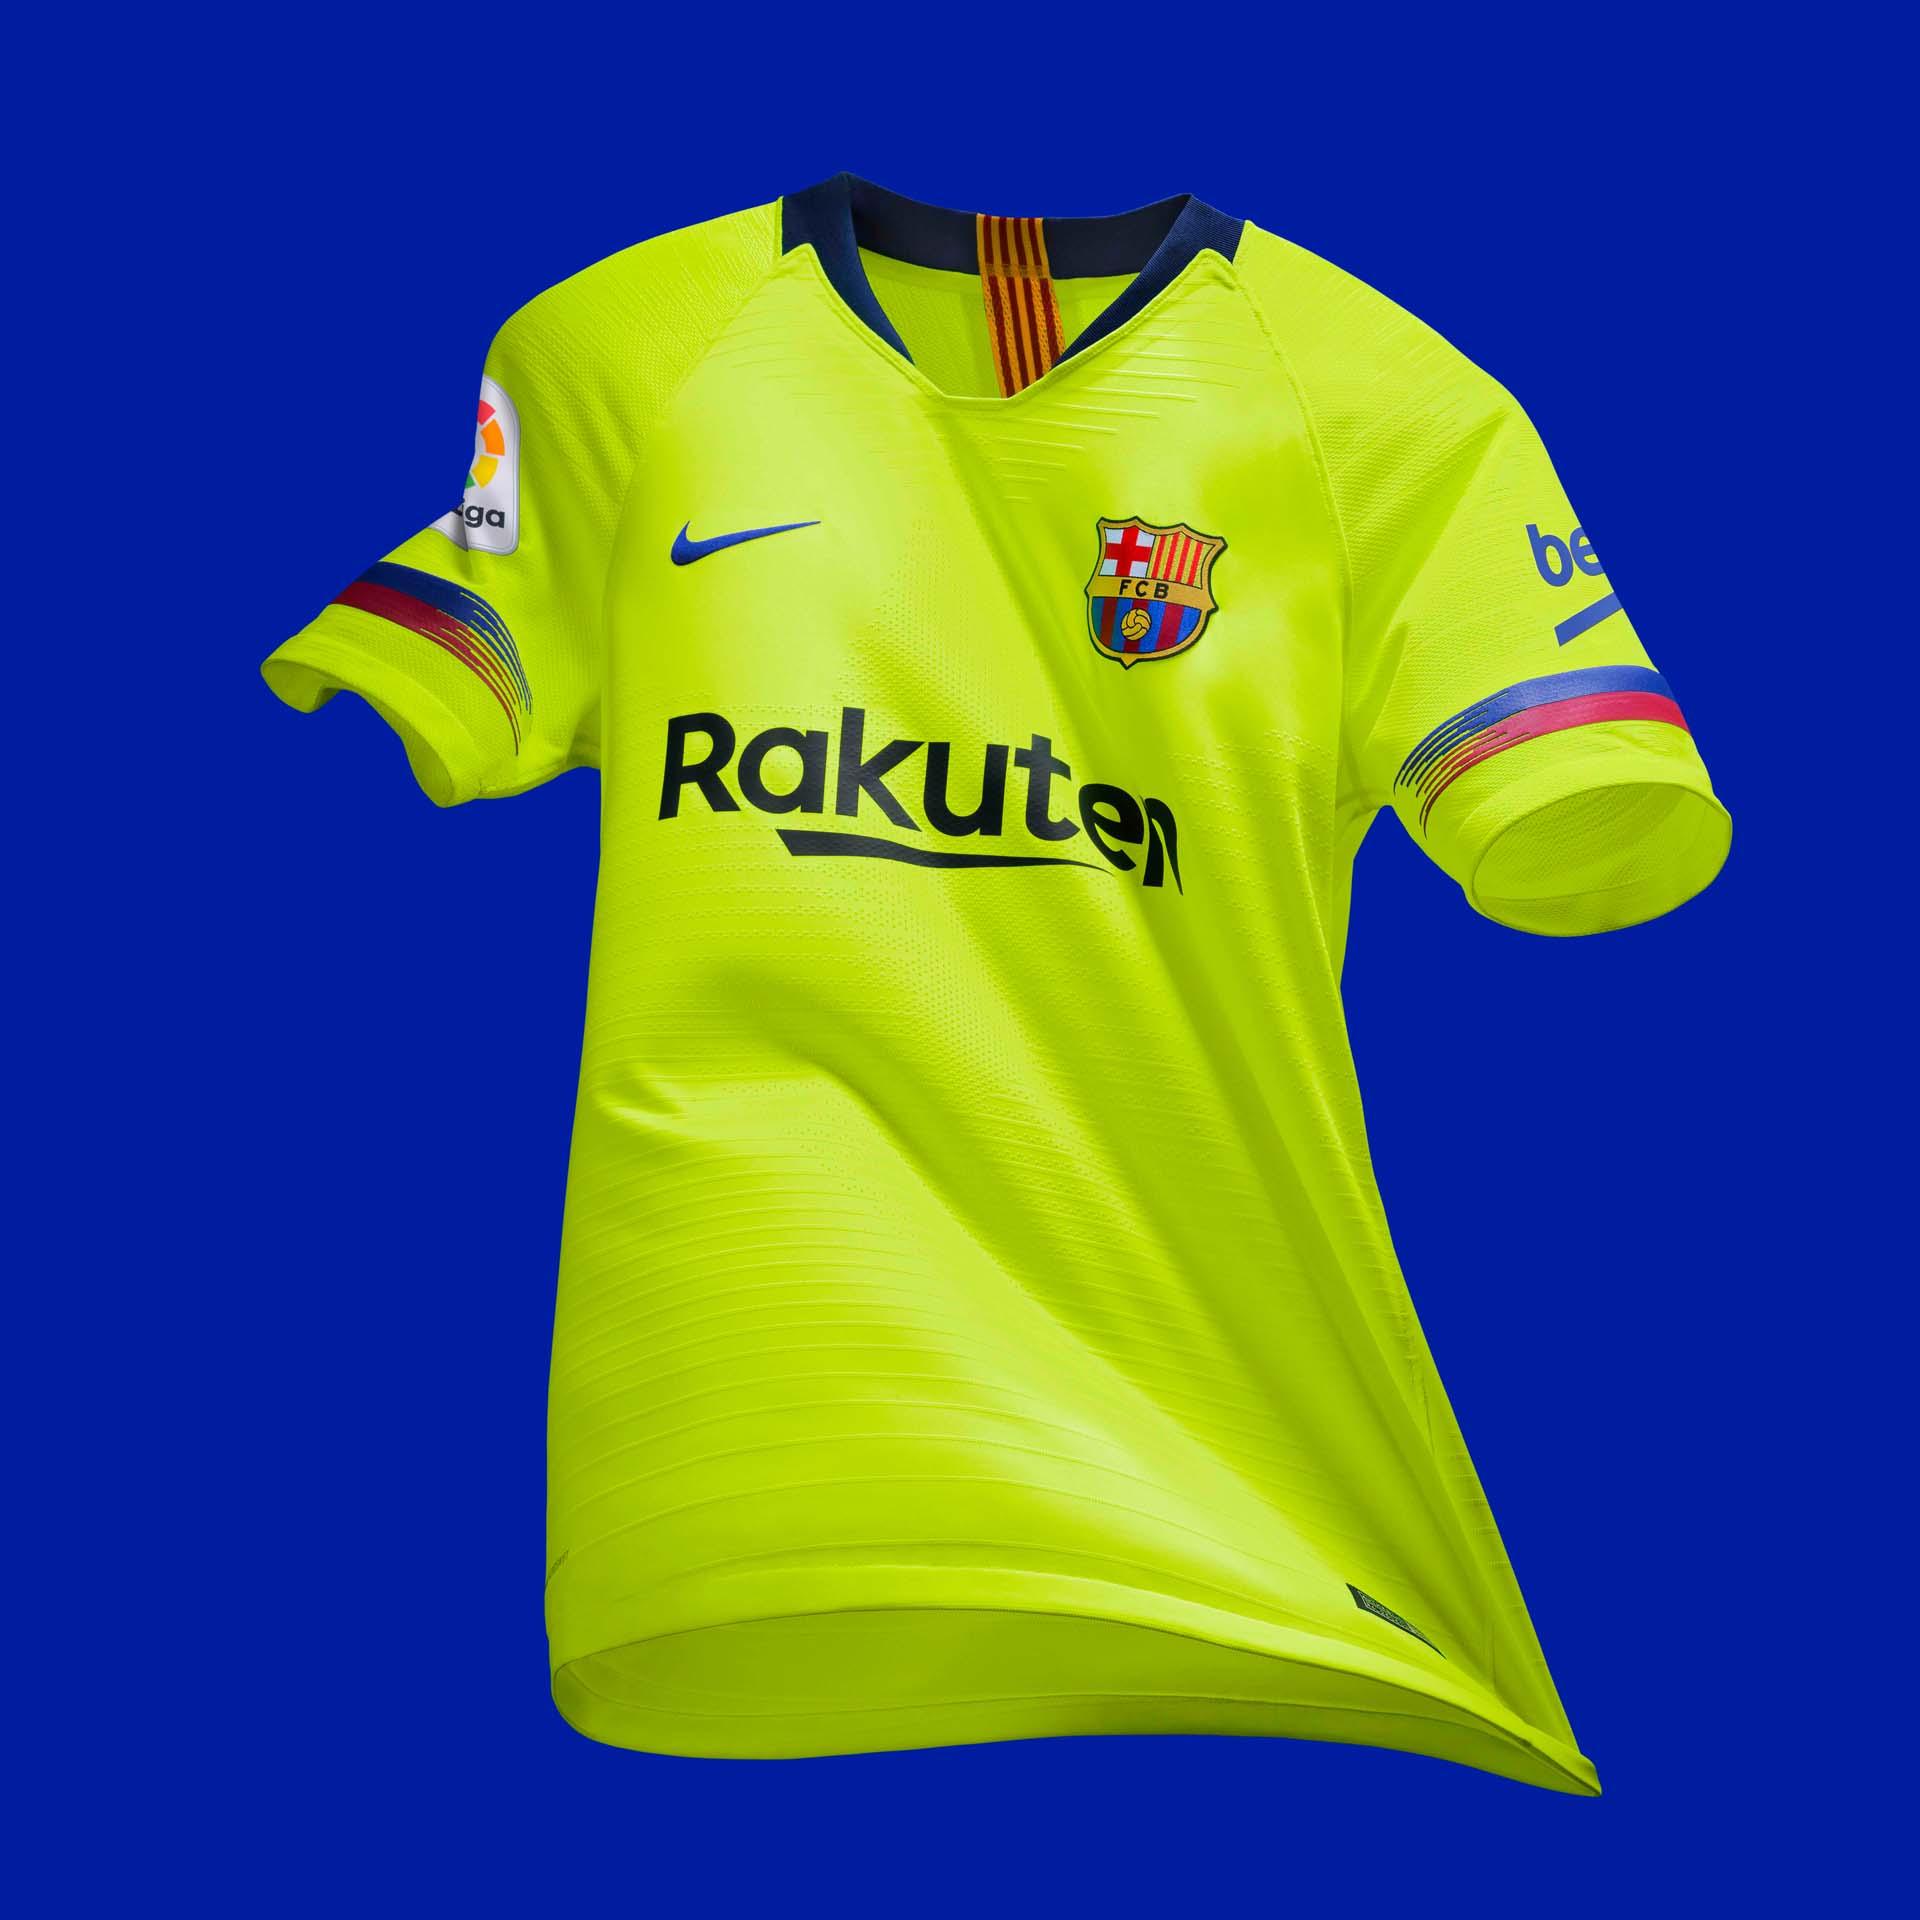 f5fdb8428 Nike Launch Barcelona 2018 19 Away Shirt - SoccerBible